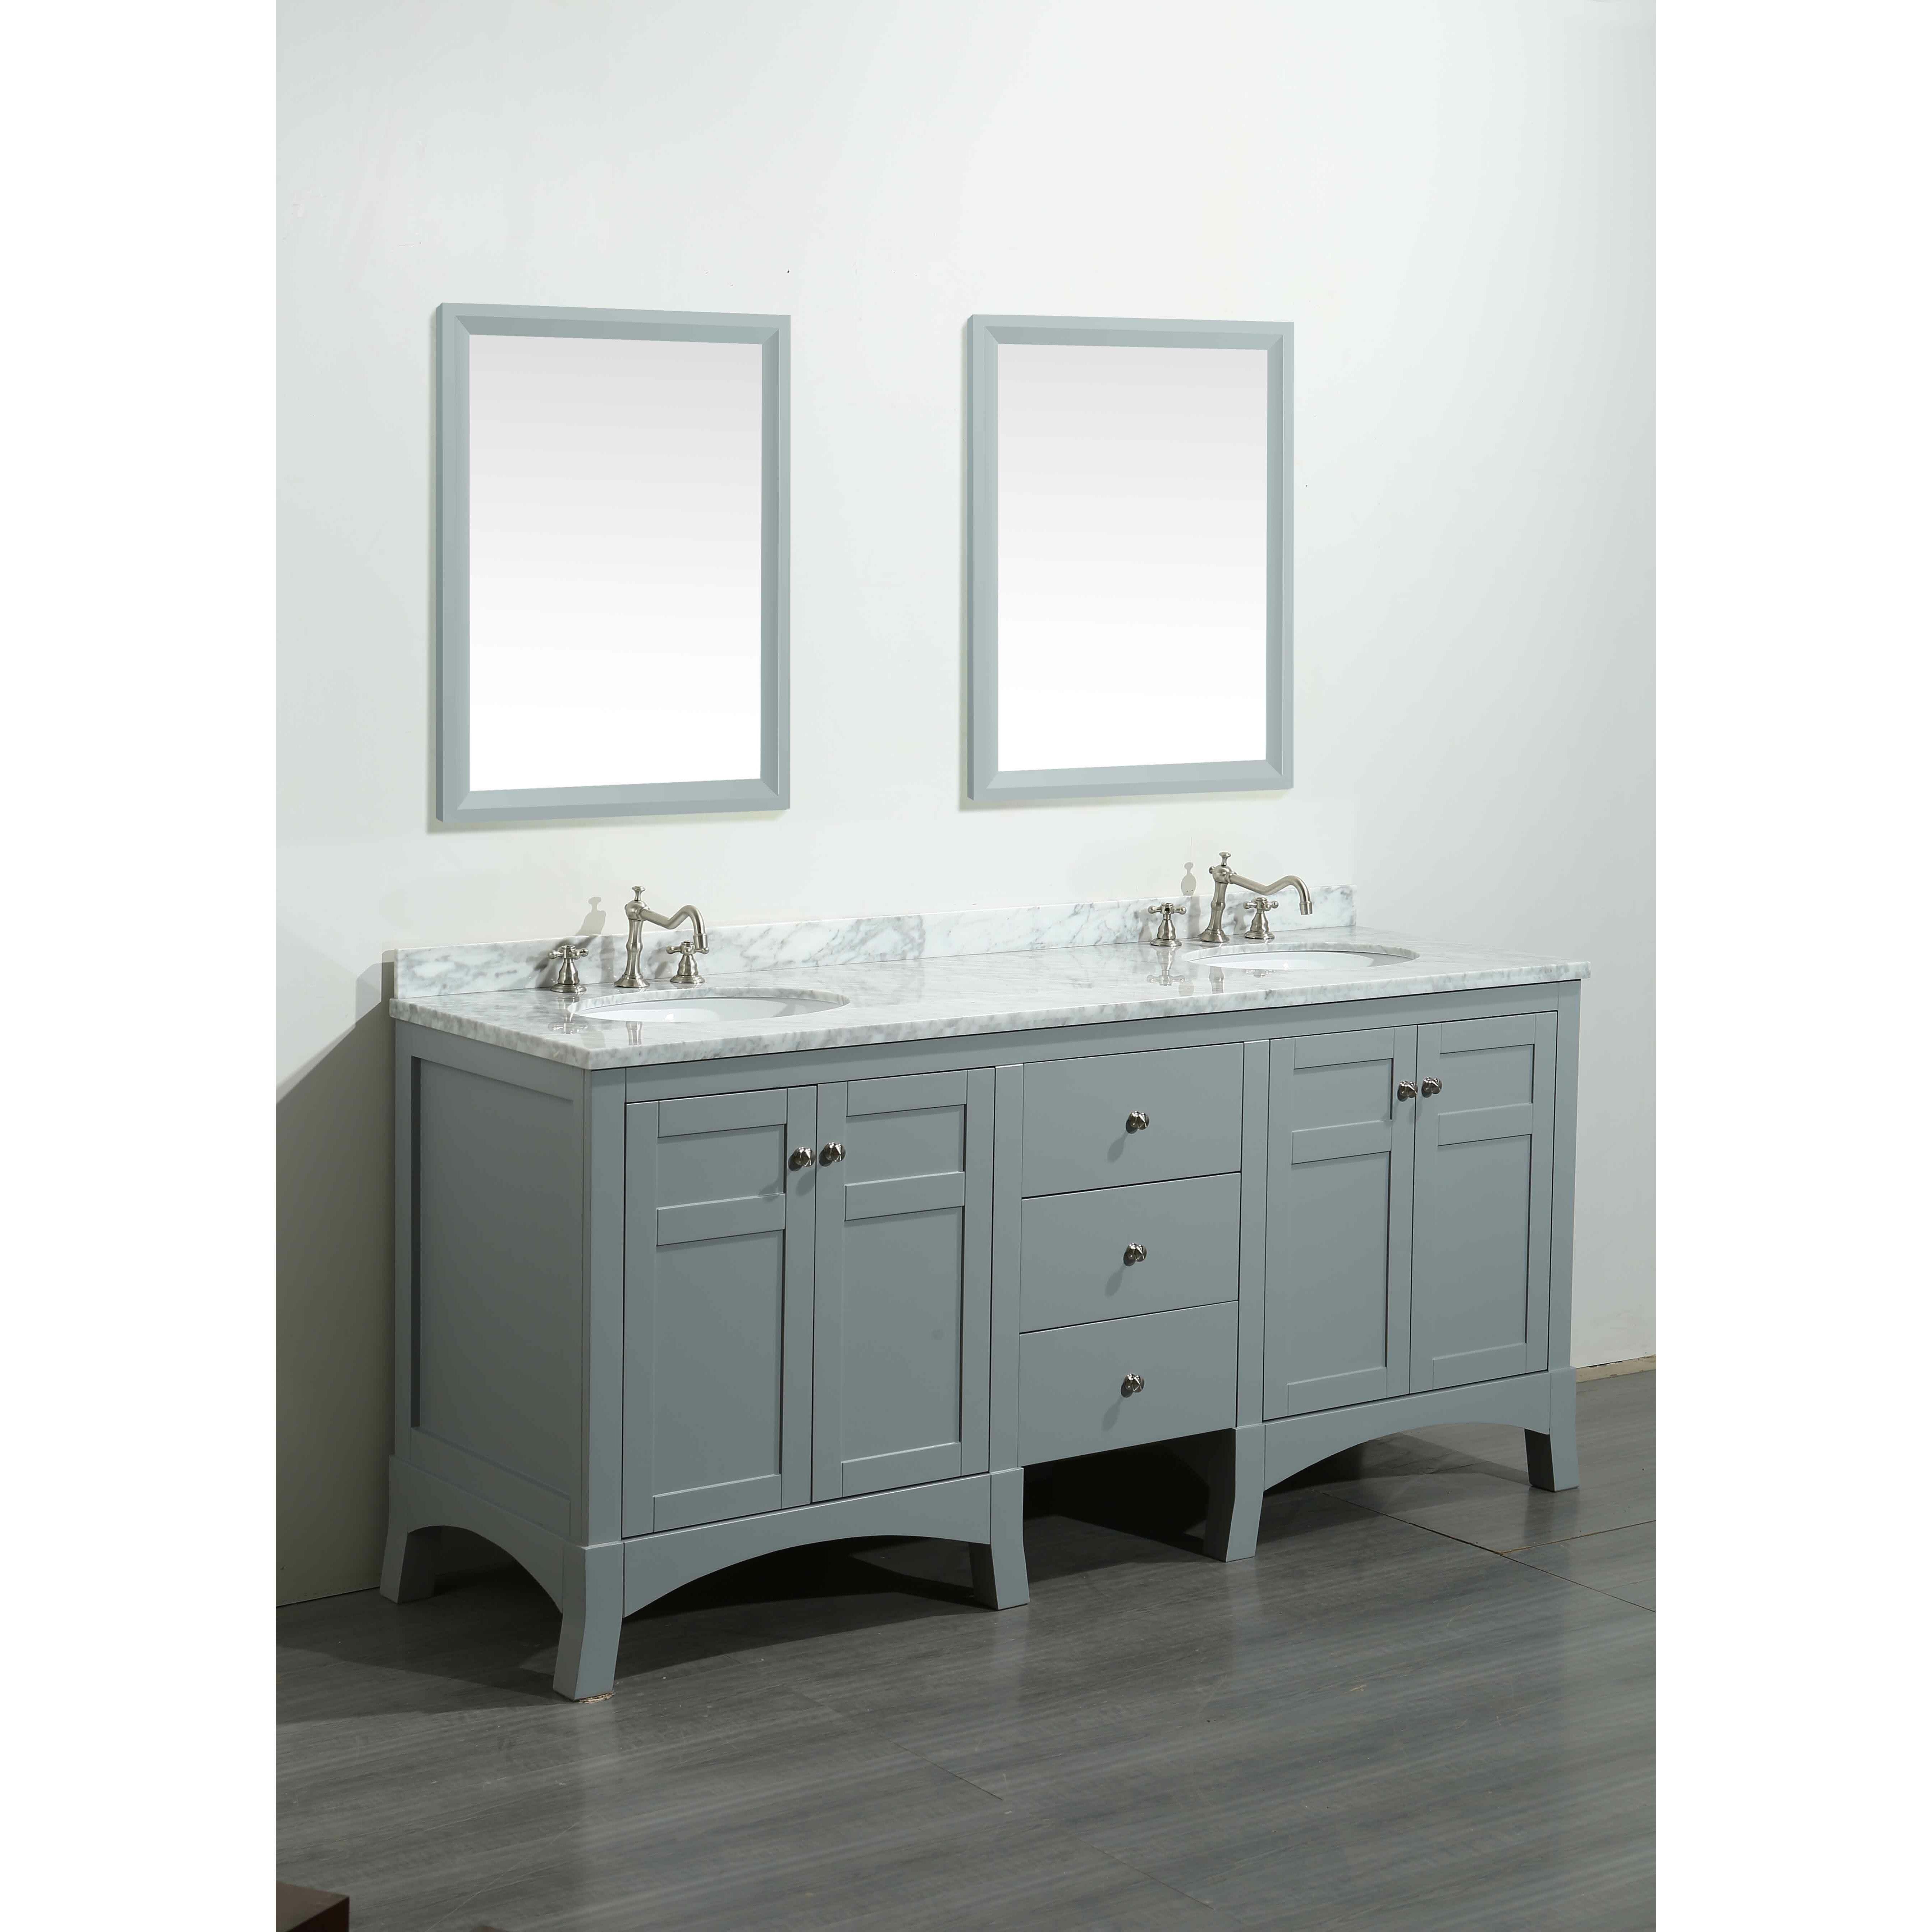 Bathroom Vanity Set Eviva New York 72 Double Bathroom Vanity Set Reviews Wayfair